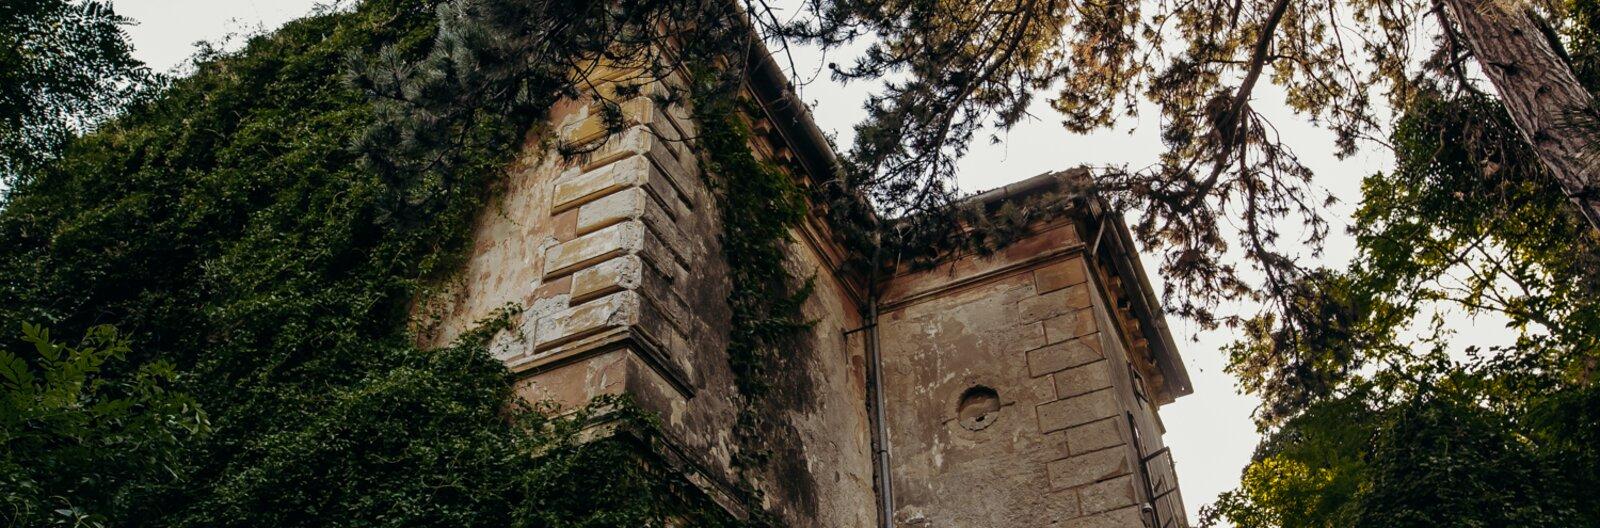 Elátkozott kastély, elhagyatott rom és barlang az erdő mélyén: 8 hátborzongató hely a Balatonnál